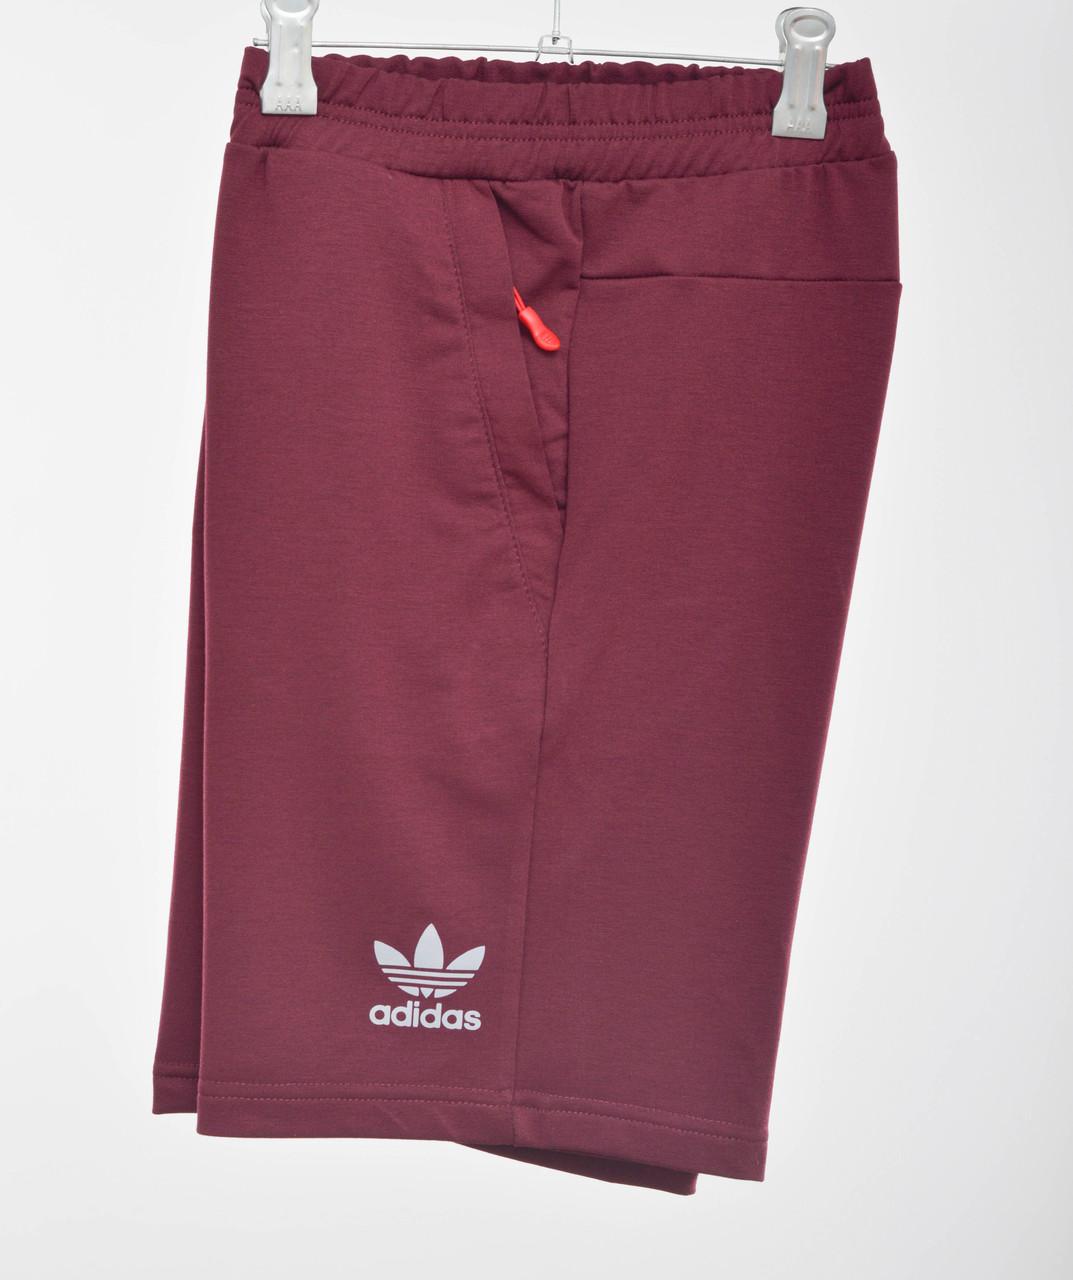 Трикотажные шорты Adidas 3030 (отражайка) Бордо